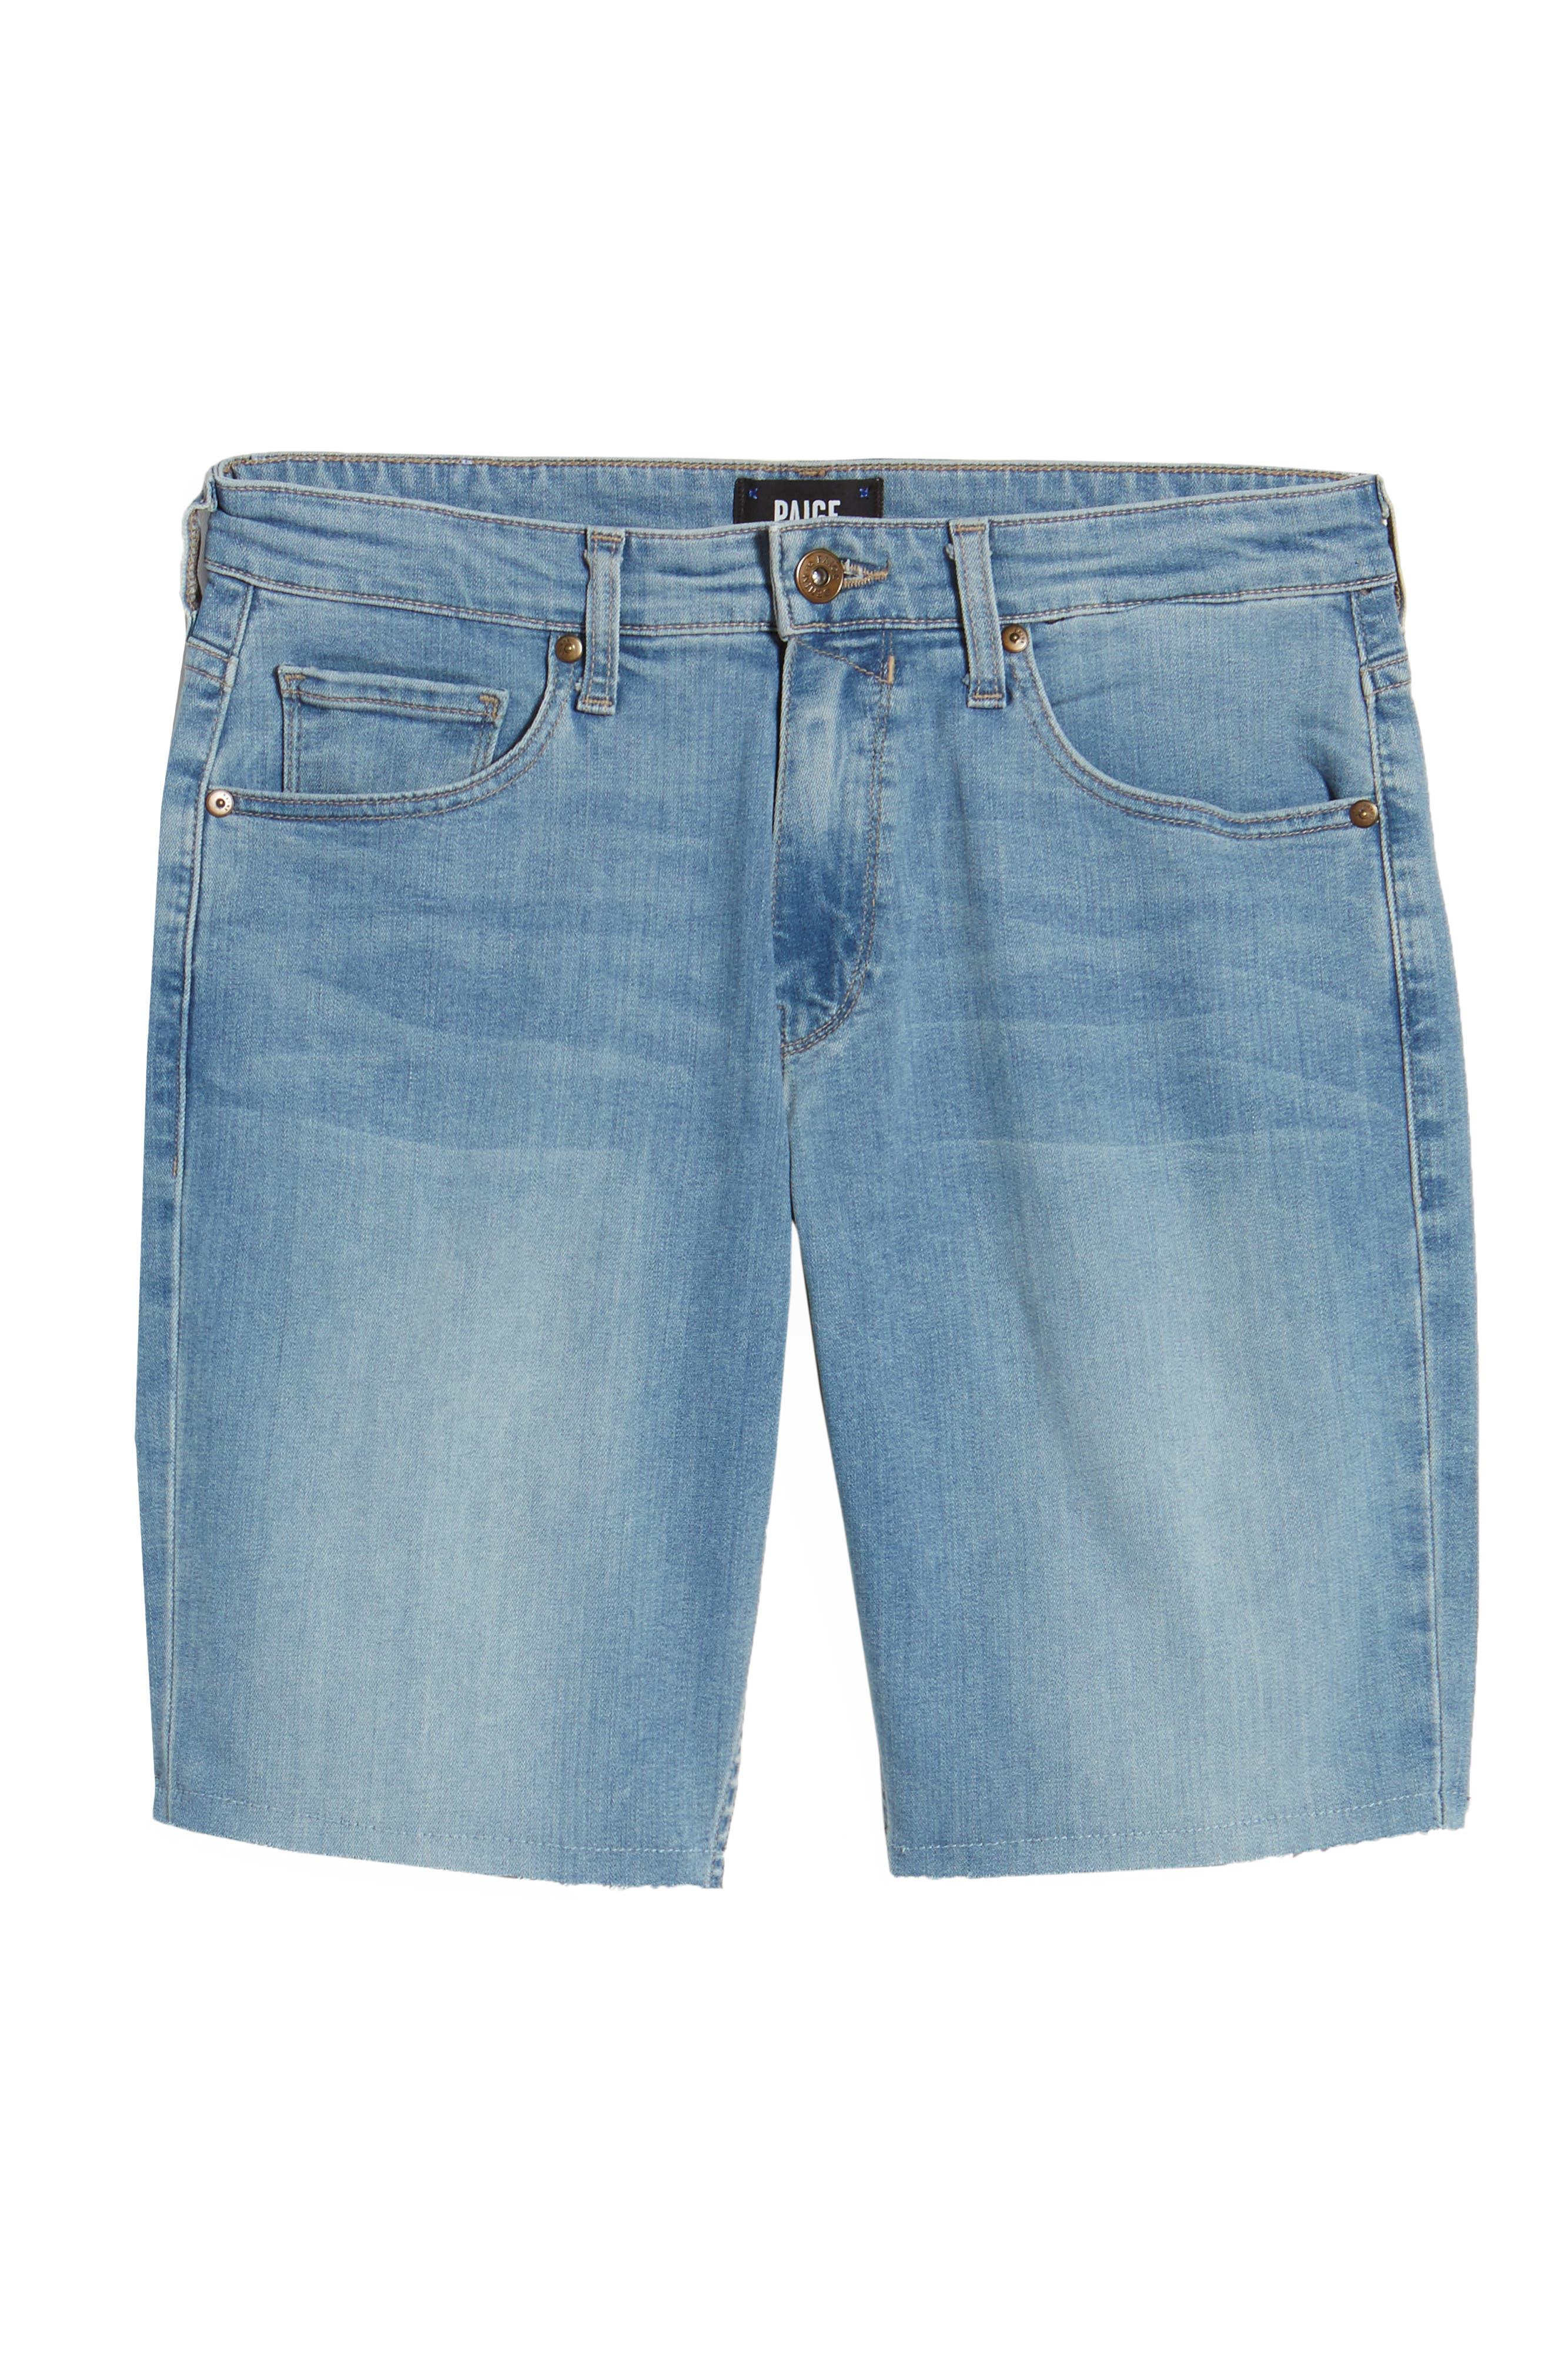 Transcend - Federal Slim Straight Leg Denim Shorts,                             Alternate thumbnail 6, color,                             Roller